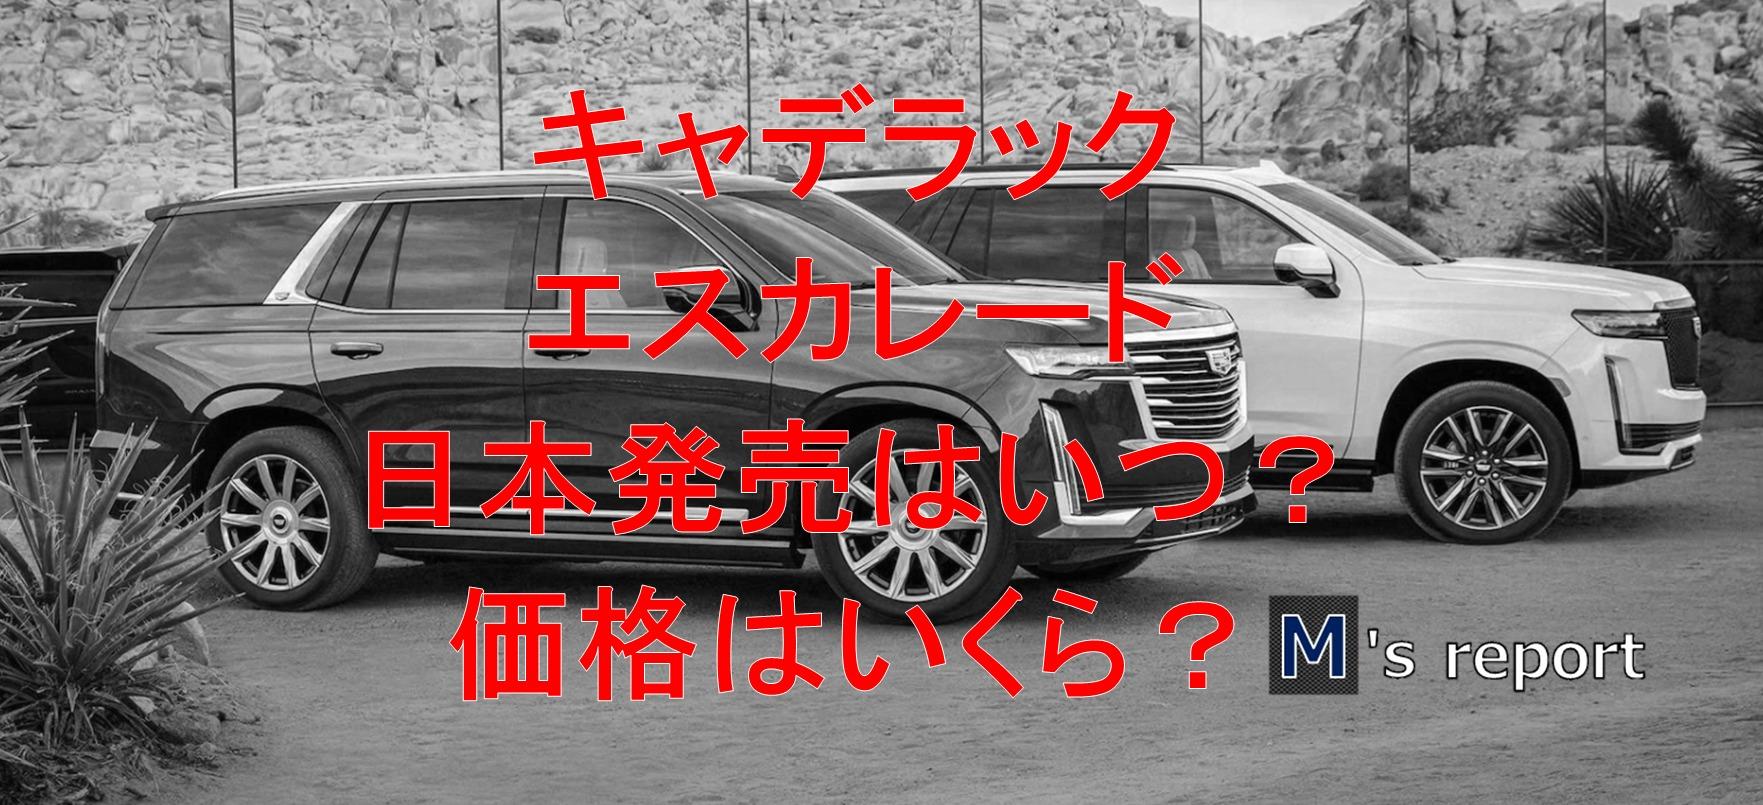 キャデラック新型「エスカレード」の日本発売はいつ?価格はいくら?